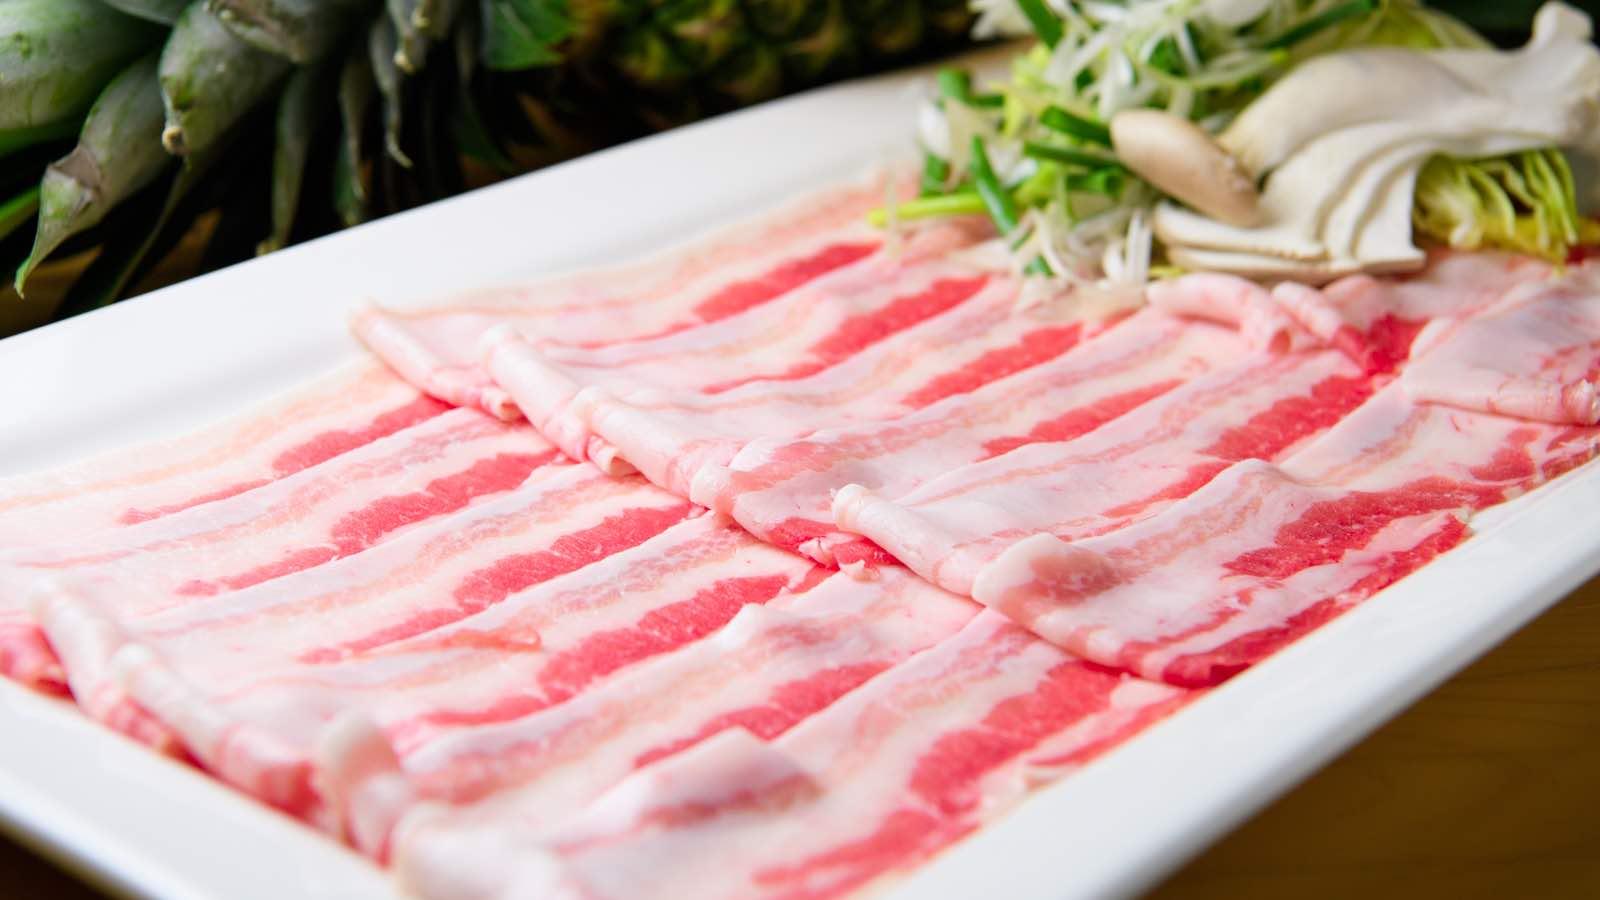 鉄板焼き しゃぶしゃぶ 博多瑞祥のお肉の画像